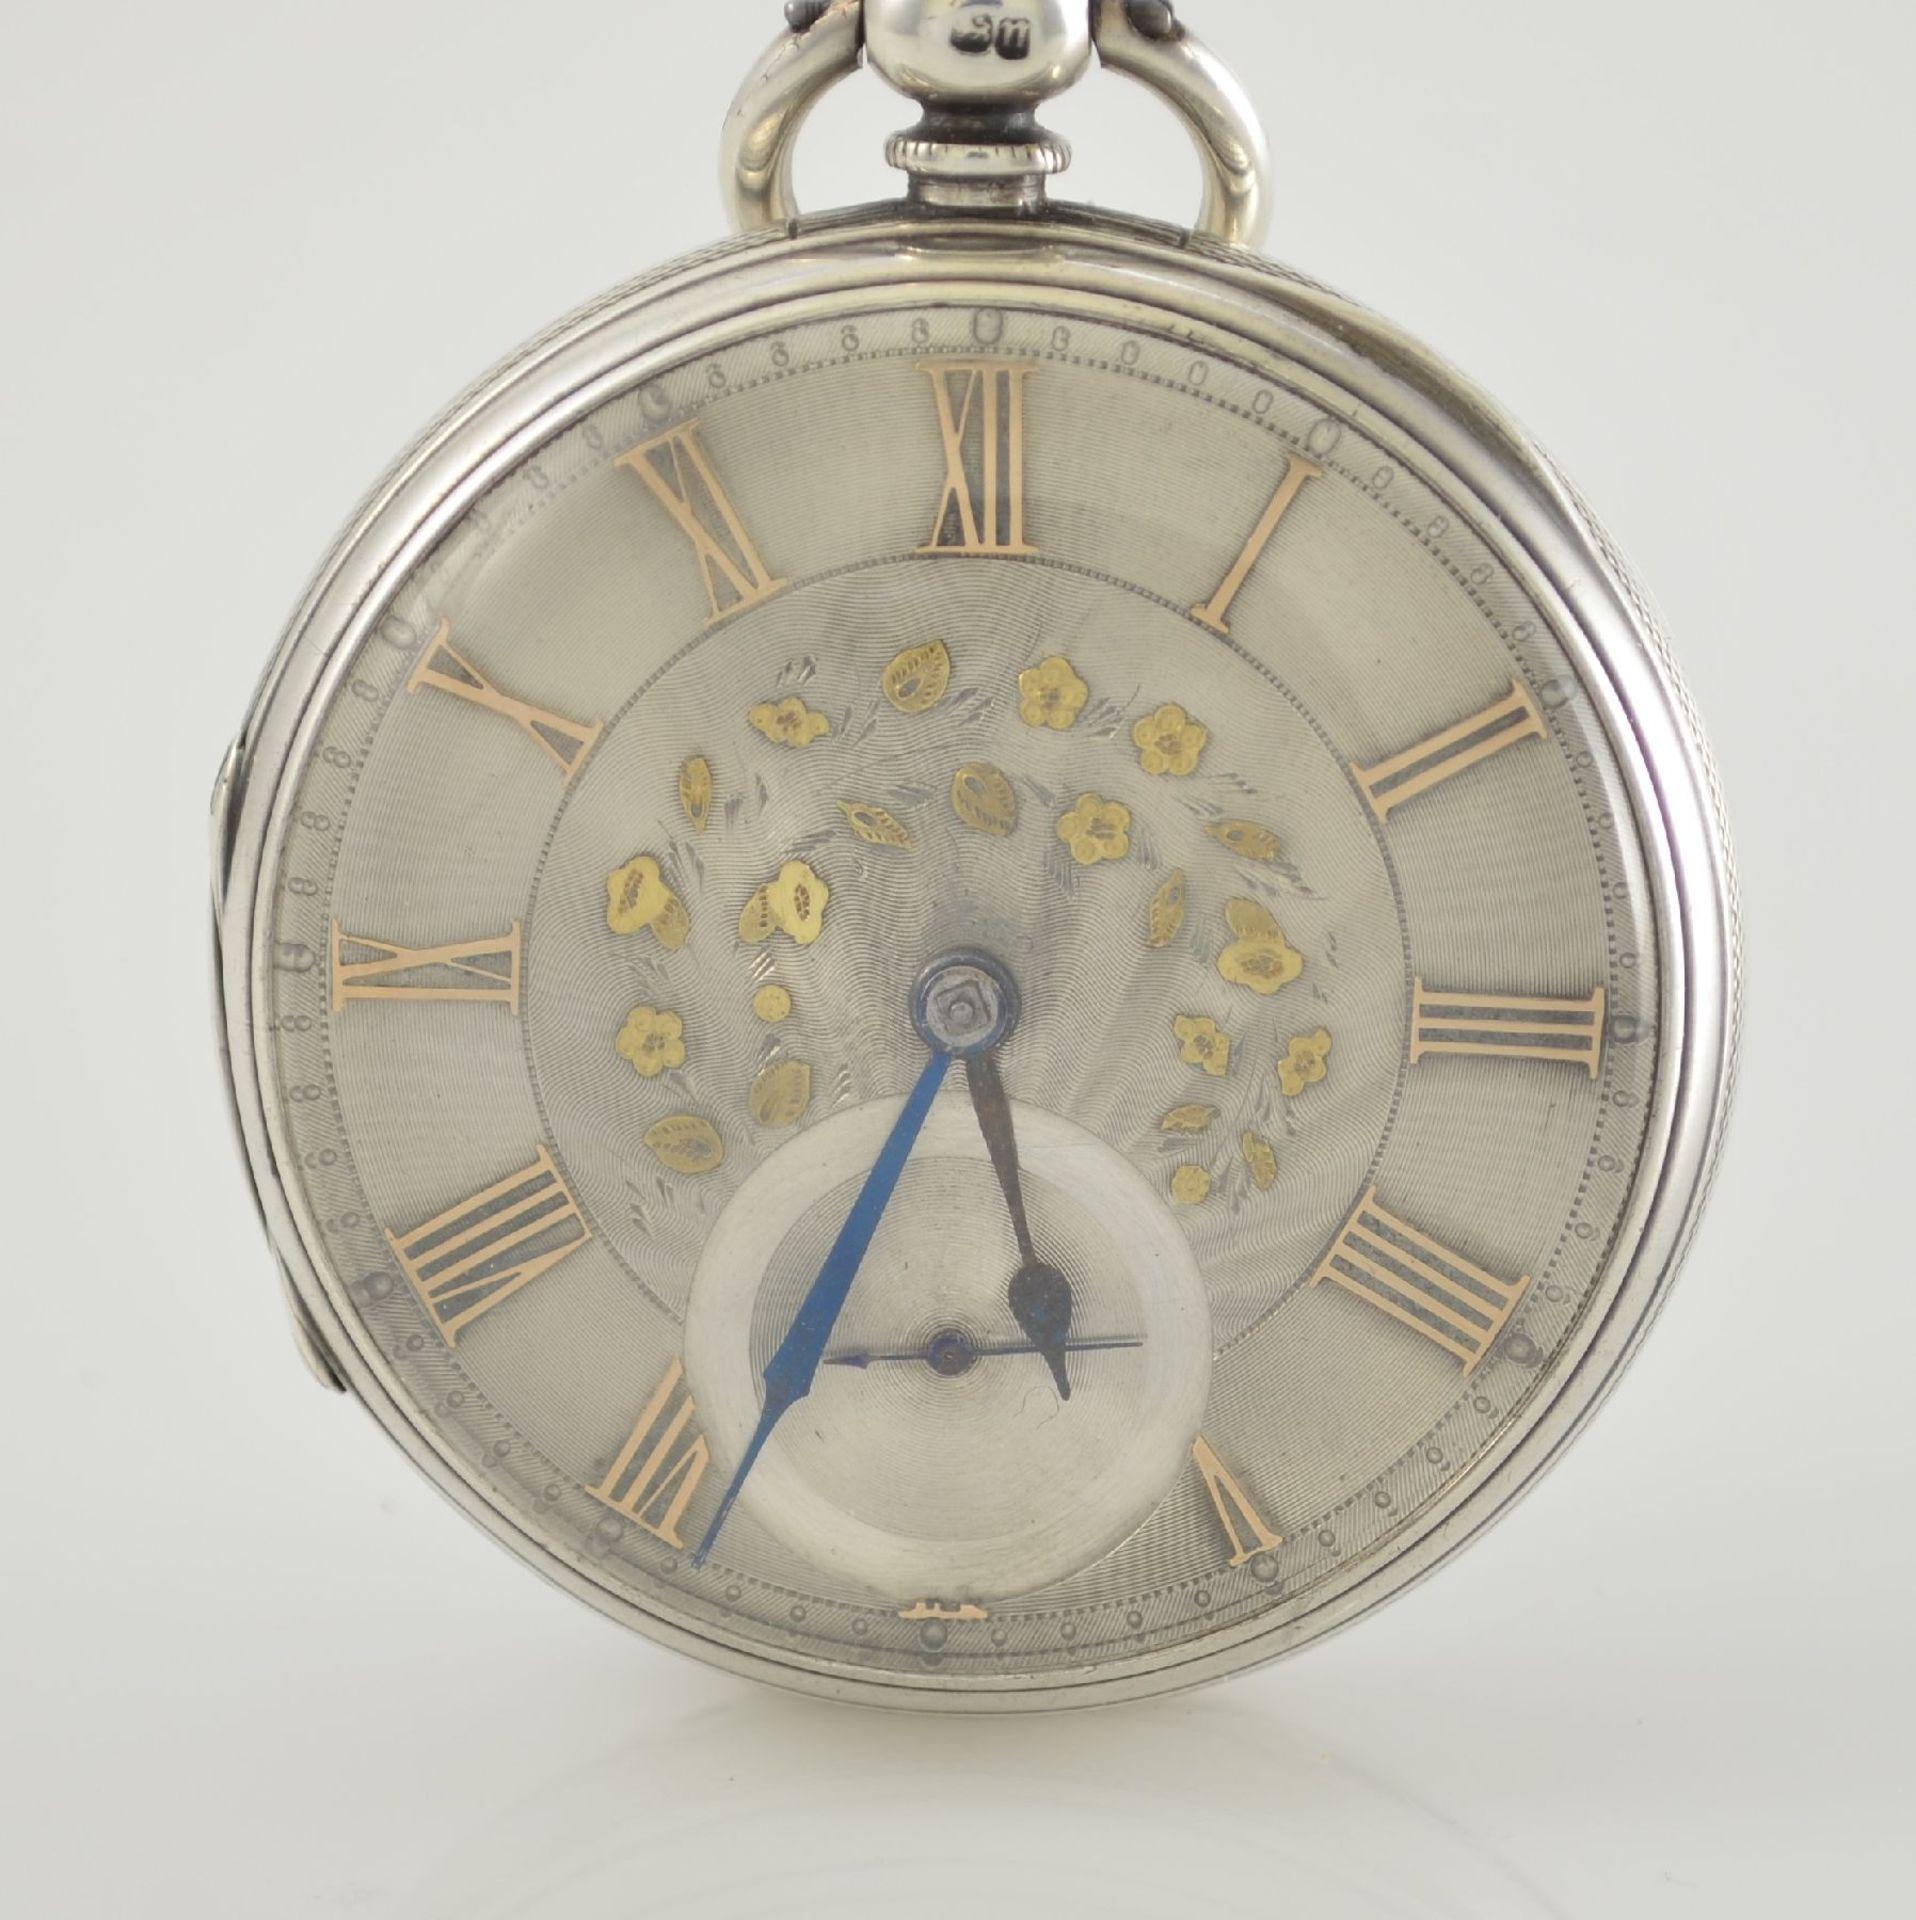 STORY & SEDMAN englische Taschenuhr in Silber, um 1870, 3-teil. Gehäuse innen m. Widmung, - Bild 2 aus 8